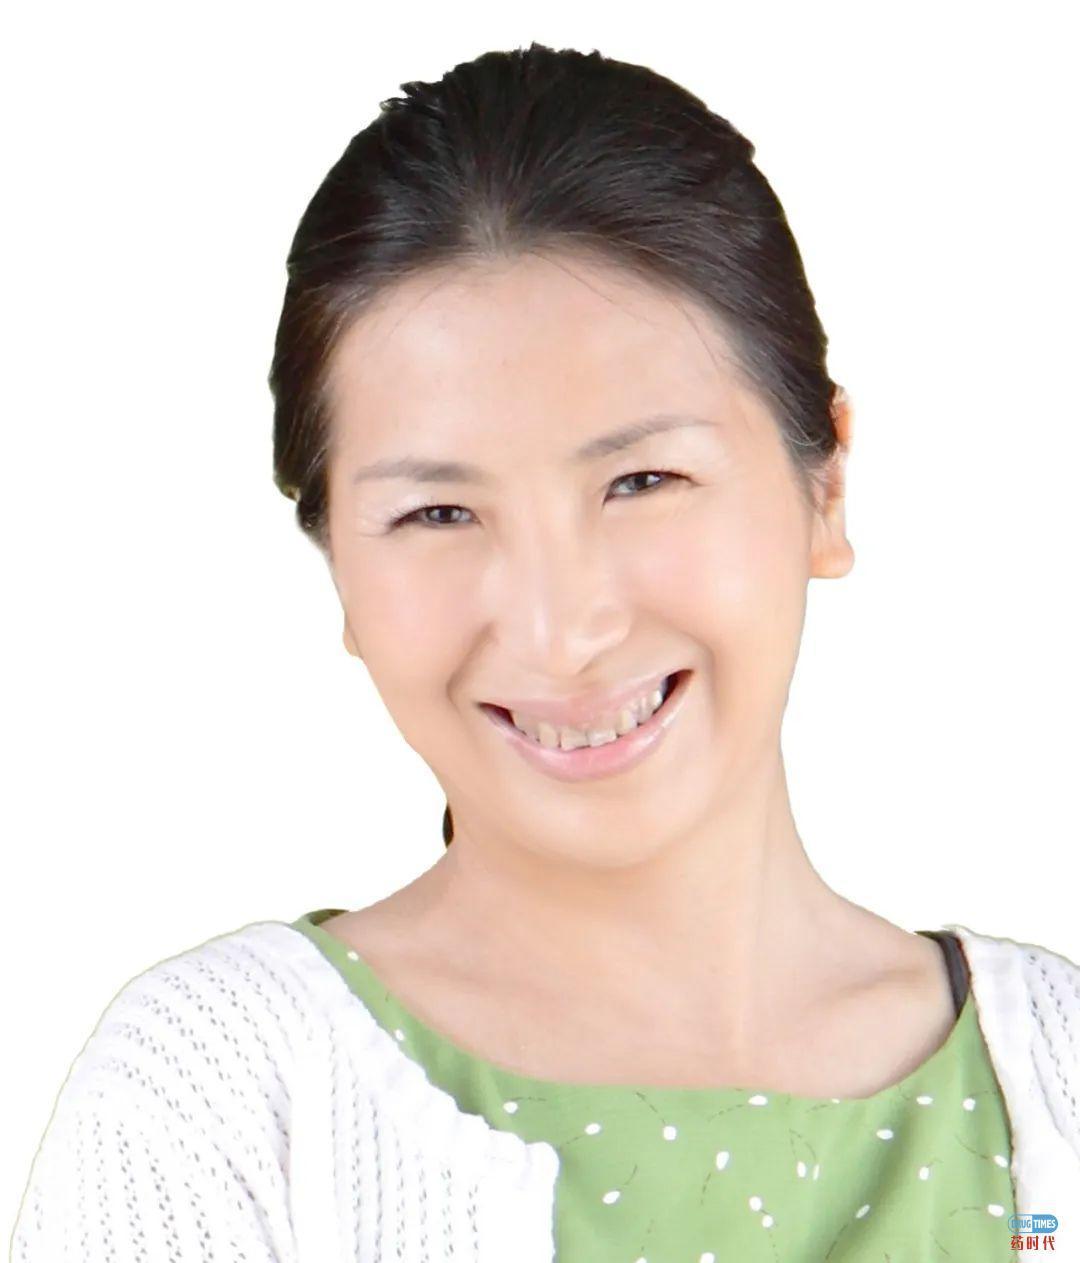 药时代直播间006期 | 王焱博士:新冠病毒的核酸检测